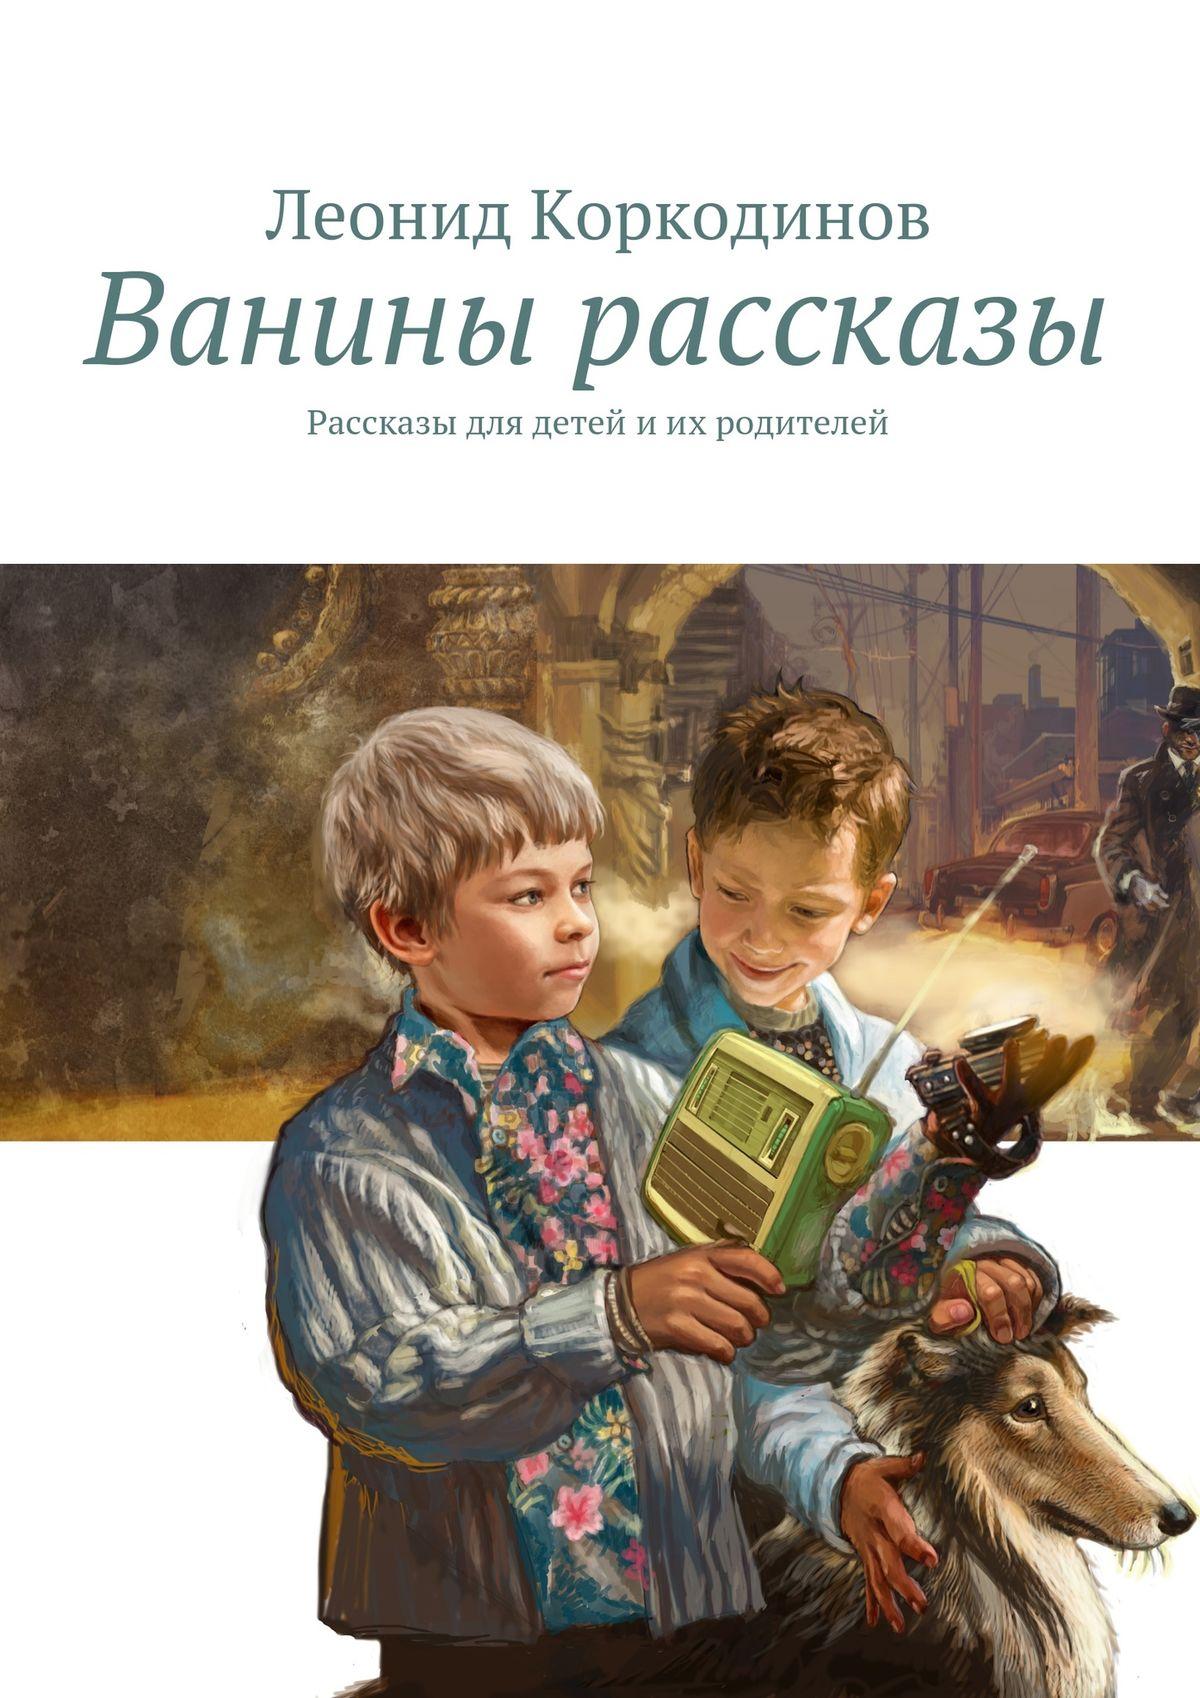 Леонид Коркодинов Ванины рассказы. Рассказы для детей иих родителей даль роальд мальчик рассказы о детстве